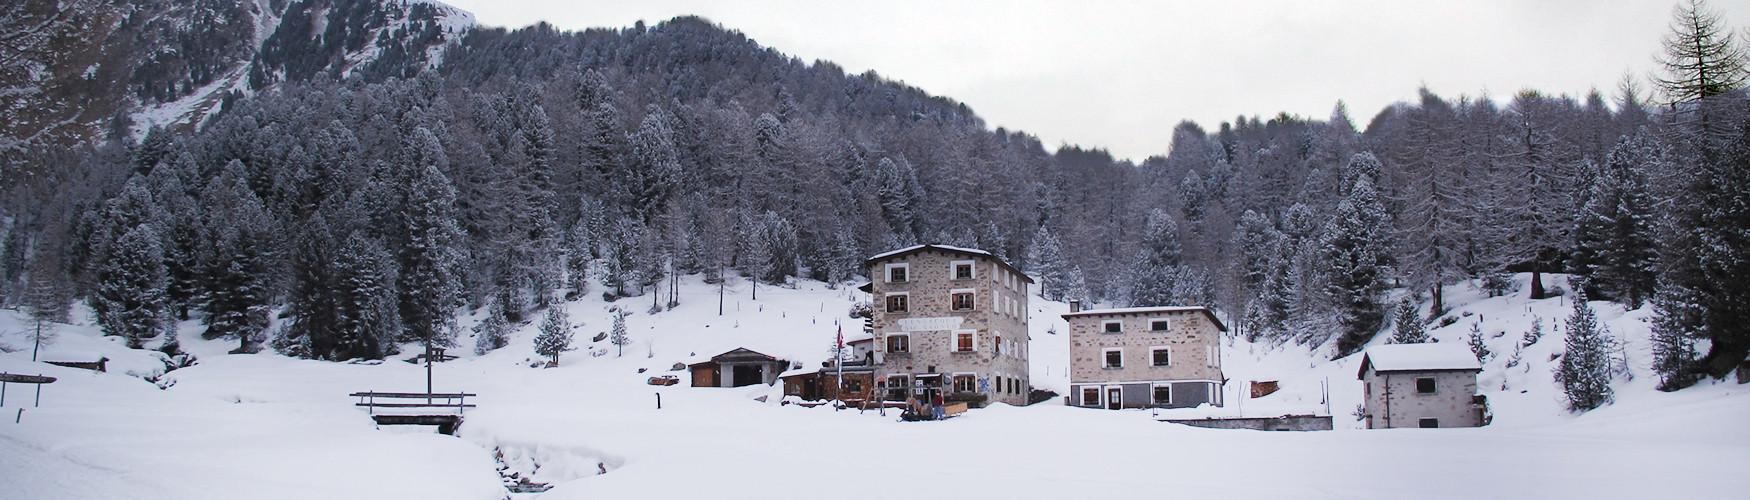 Skitour Stützpunkt, Skitouren Saoseohütte